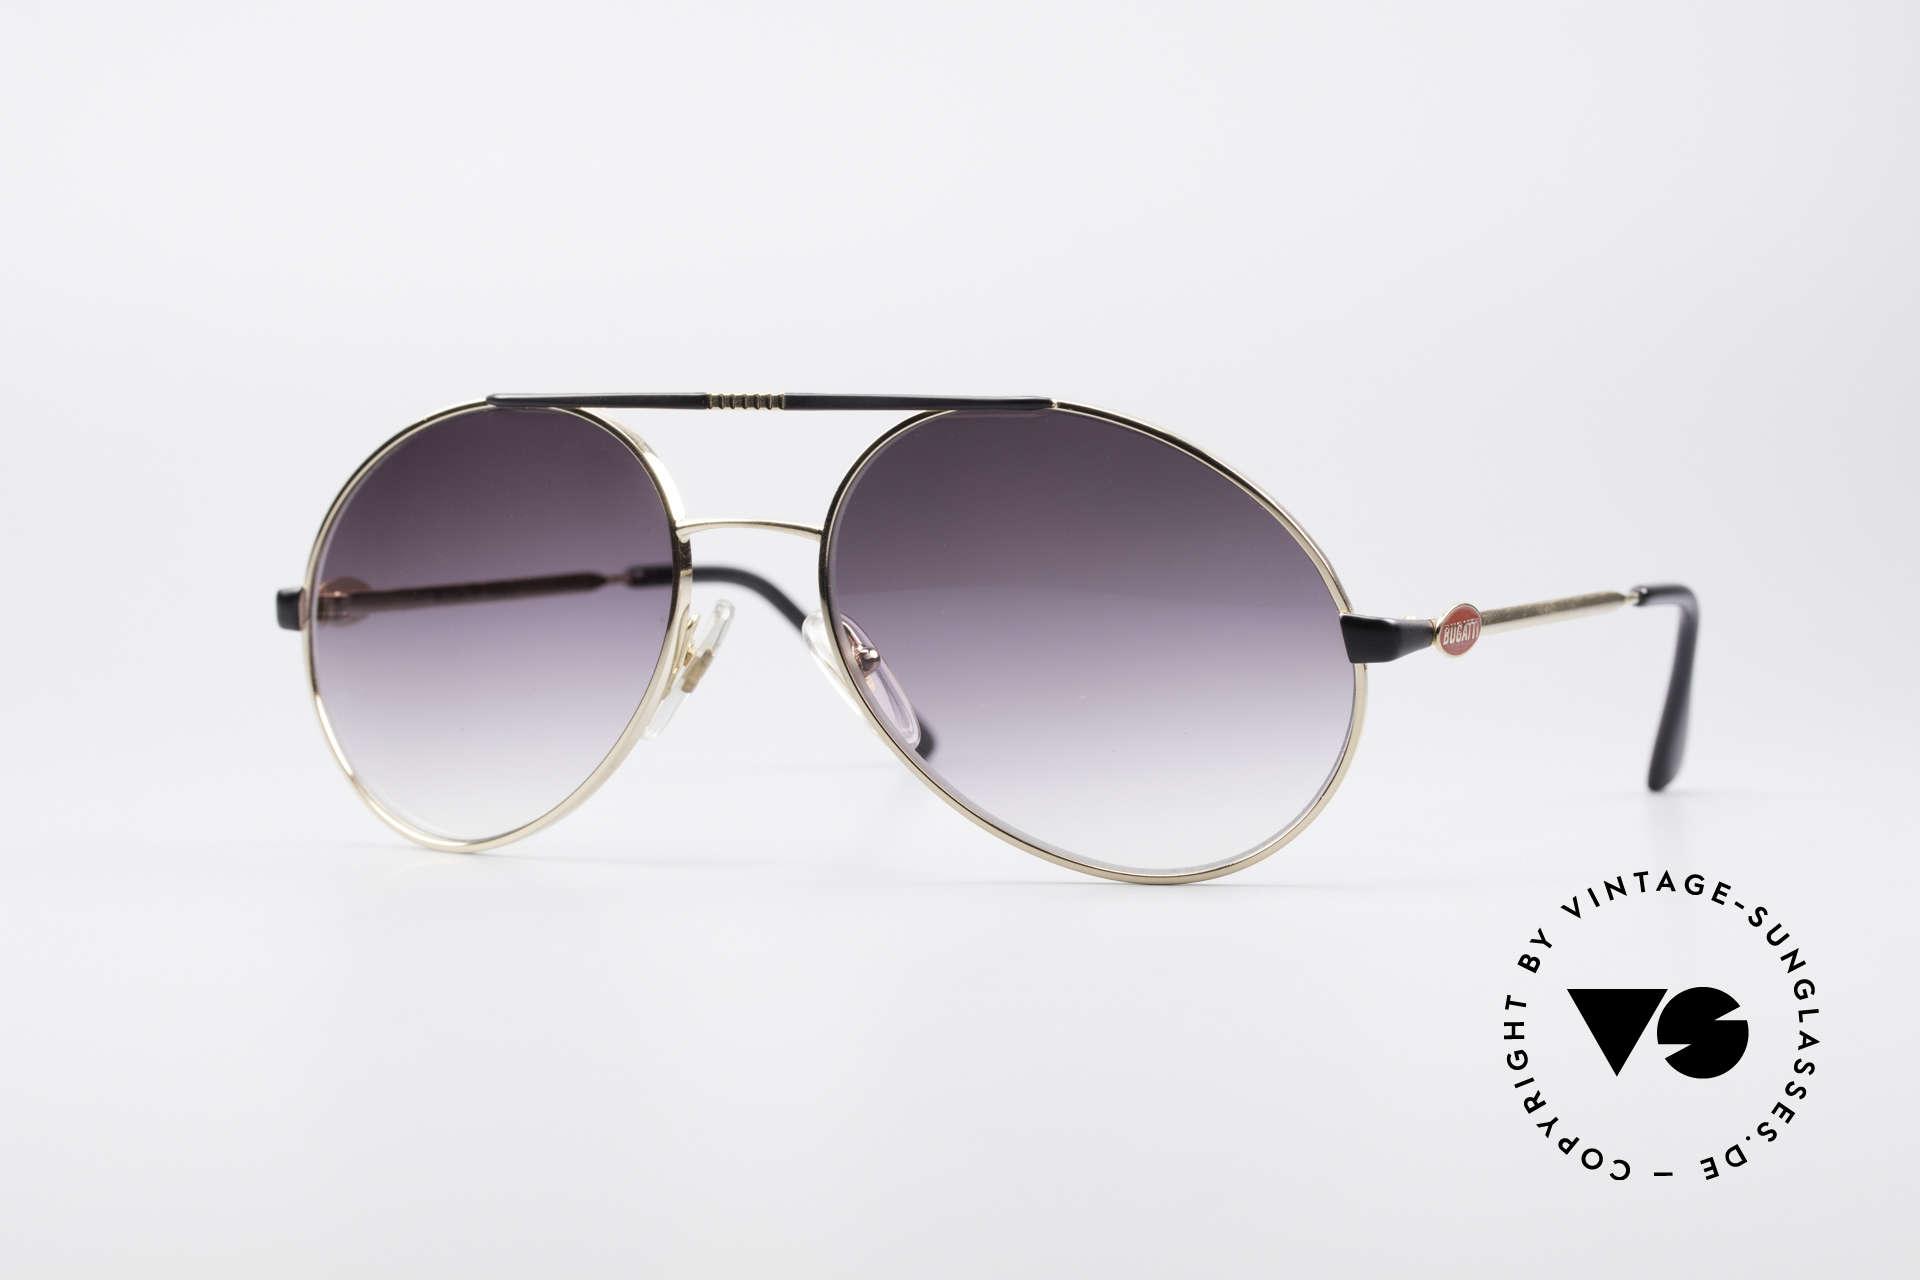 Bugatti 65837 80's Designer Sunglasses, unique 'tear drop'-design + distinctive red Bugatti logos, Made for Men